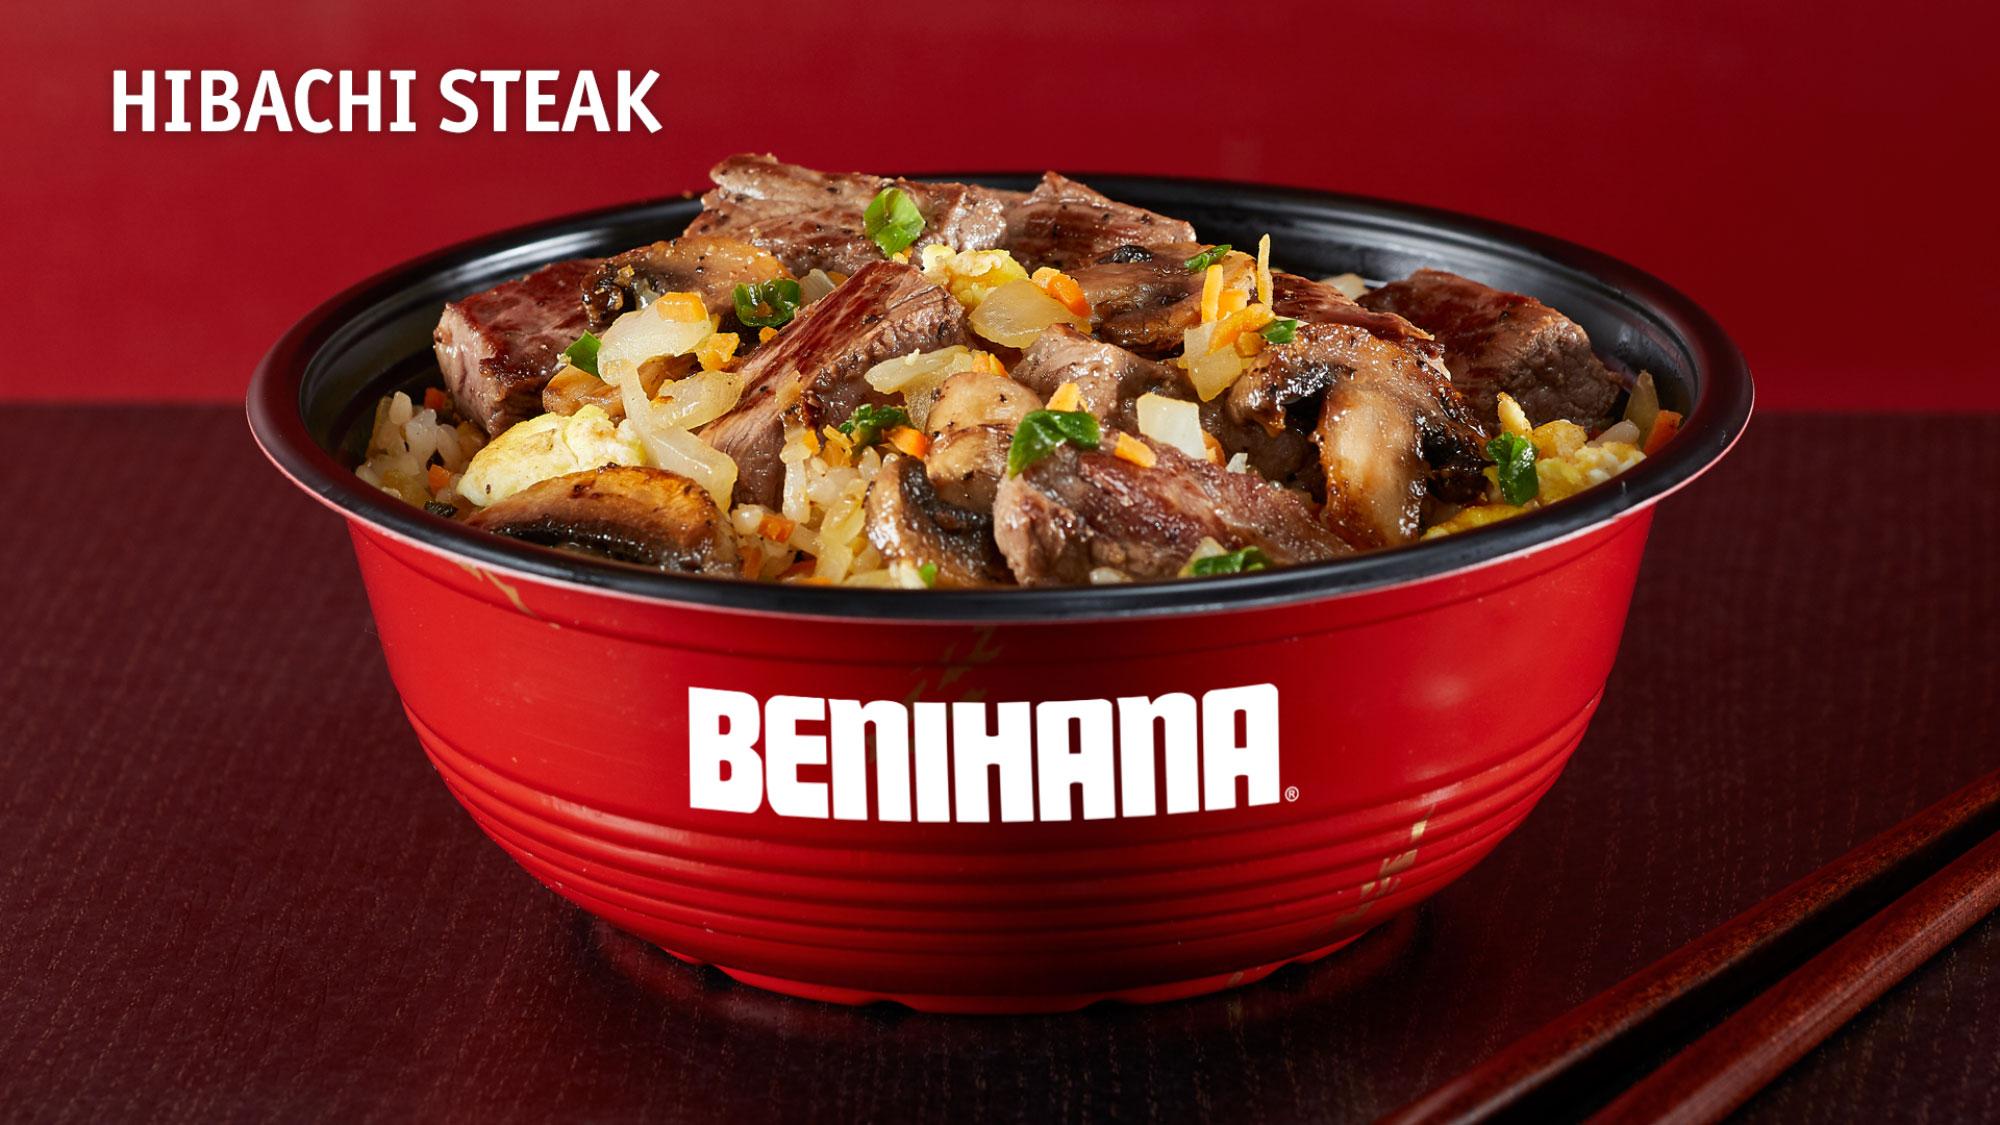 Hibachi Steak Bowl